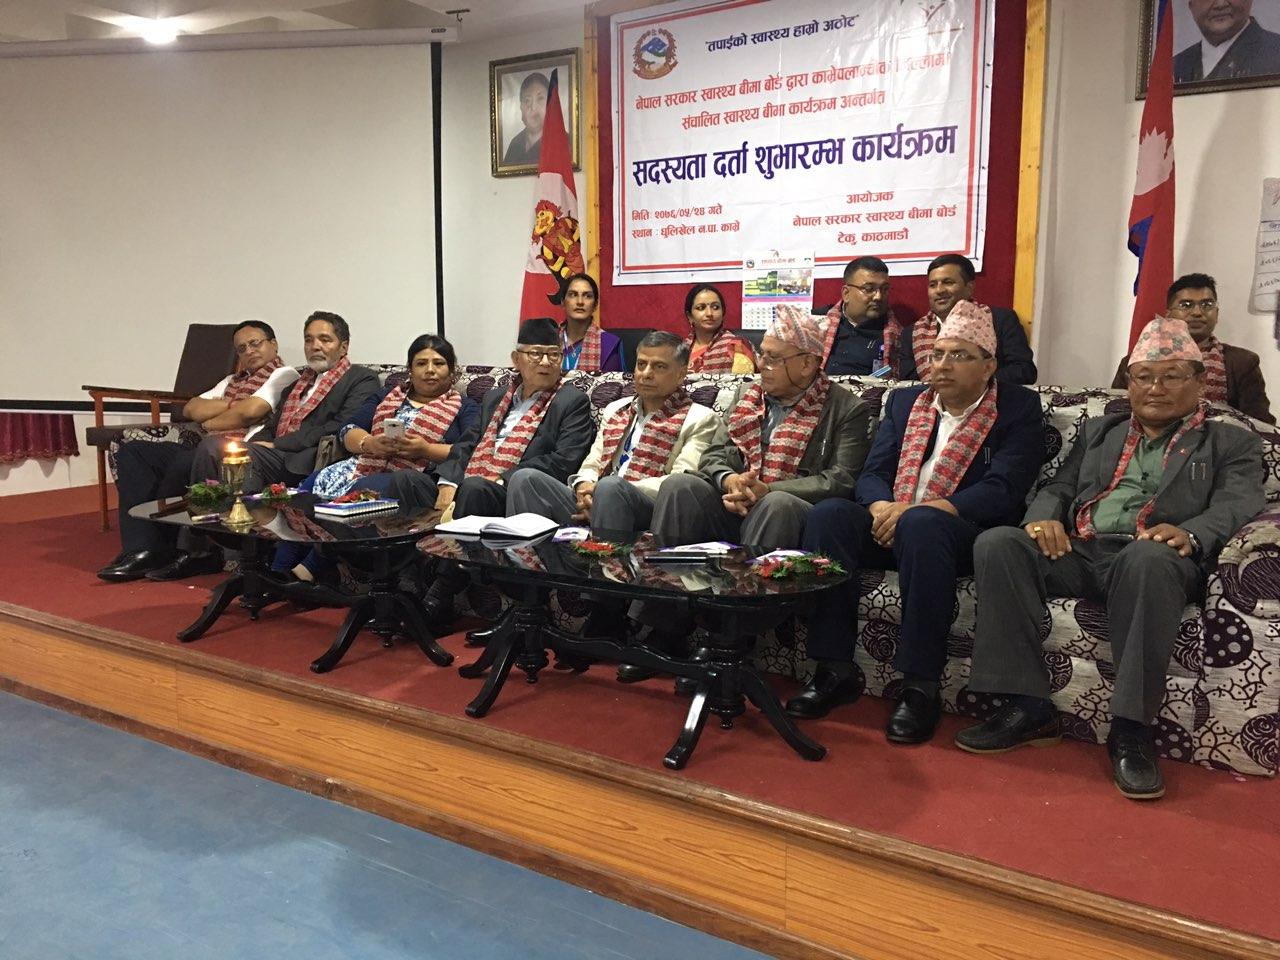 मिति २०७६।०५। २४  गते काभ्रे जिल्लामा स्वास्थ्य बीमा दर्ता सुभारम्भ  कार्यक्रमका झलकहरु